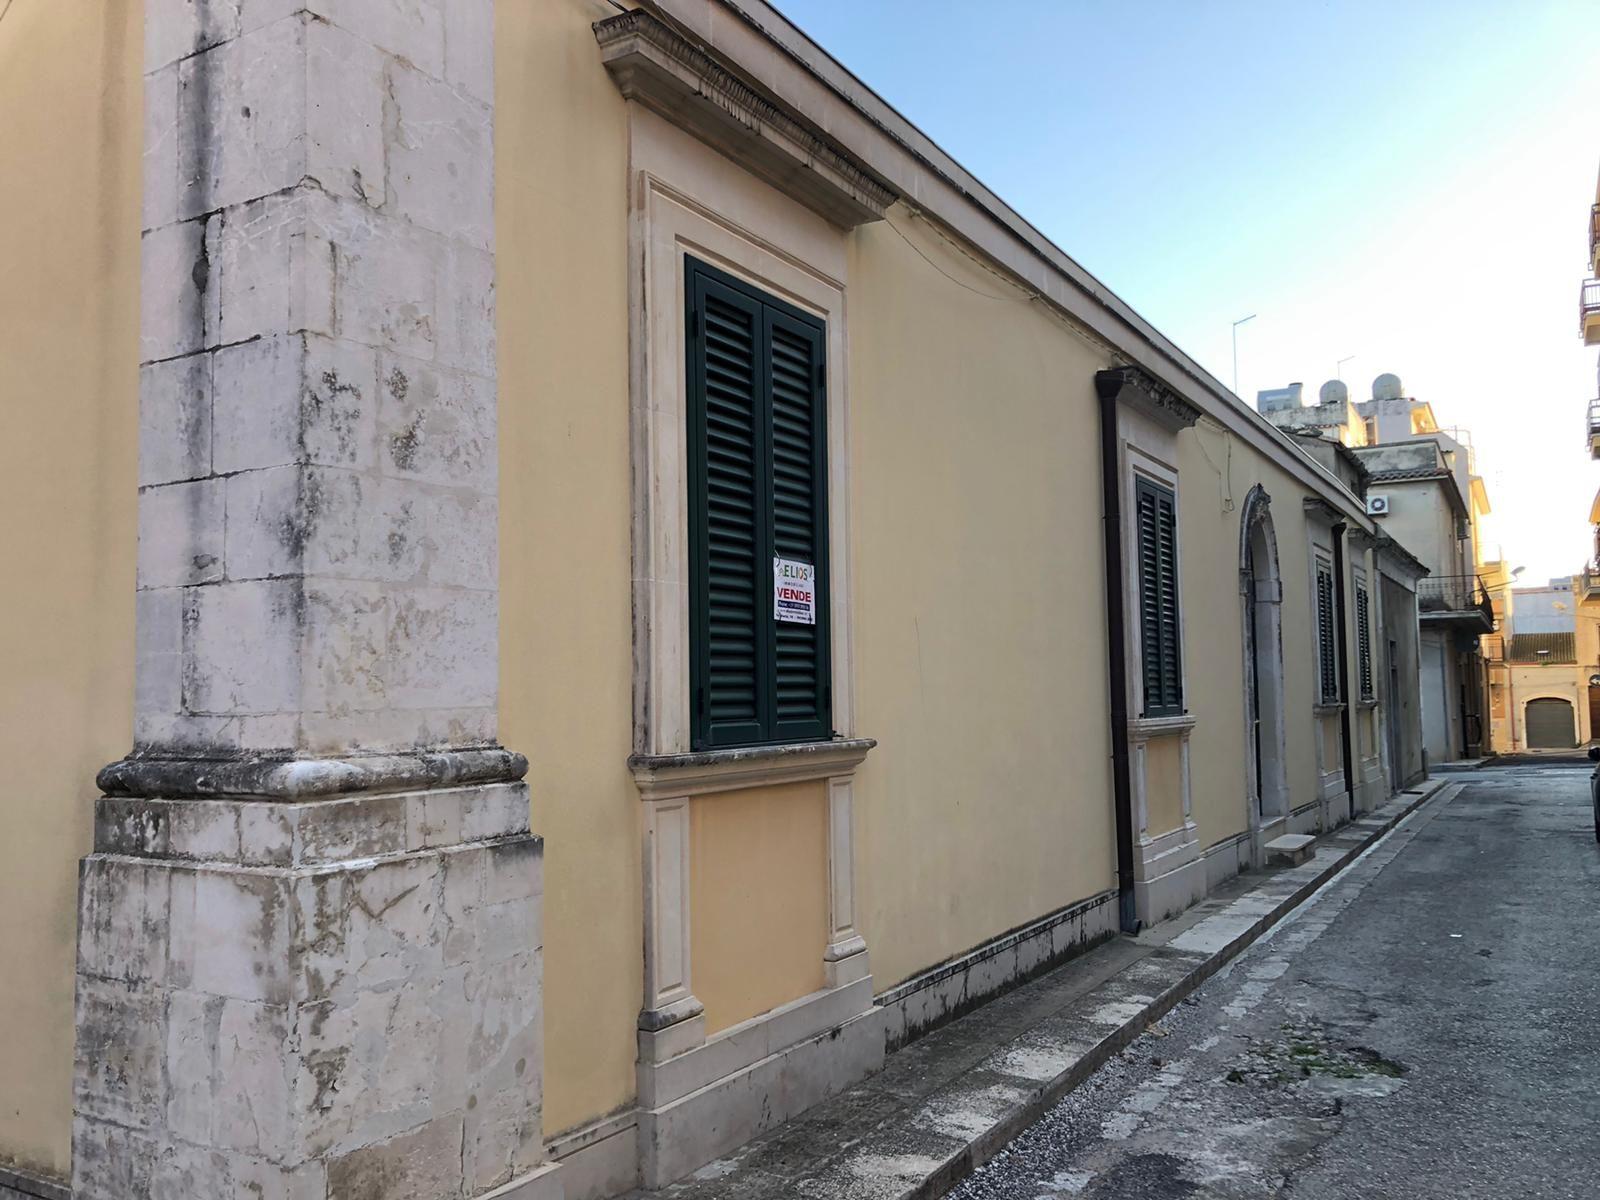 Casa singola, in ottimo stato e con ottime rifiniture, a pochi passi dalla centrale piazza Garibaldi. L